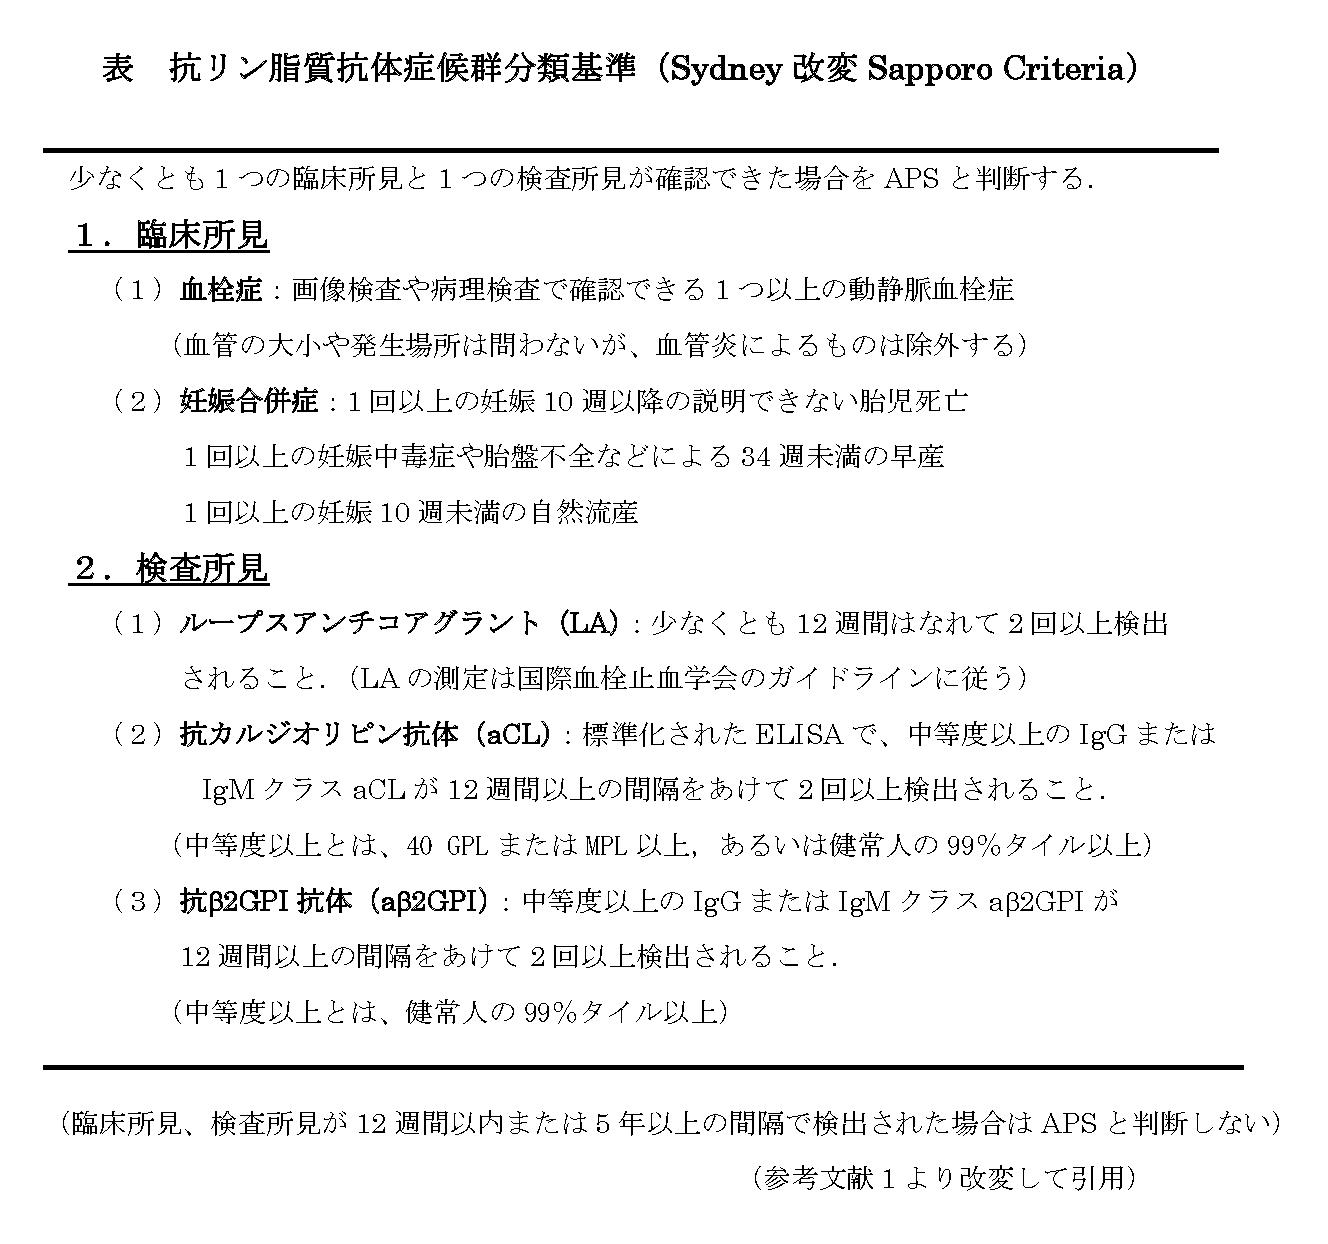 一般社団法人 日本血栓止血学会 » 用語集(詳細説明)